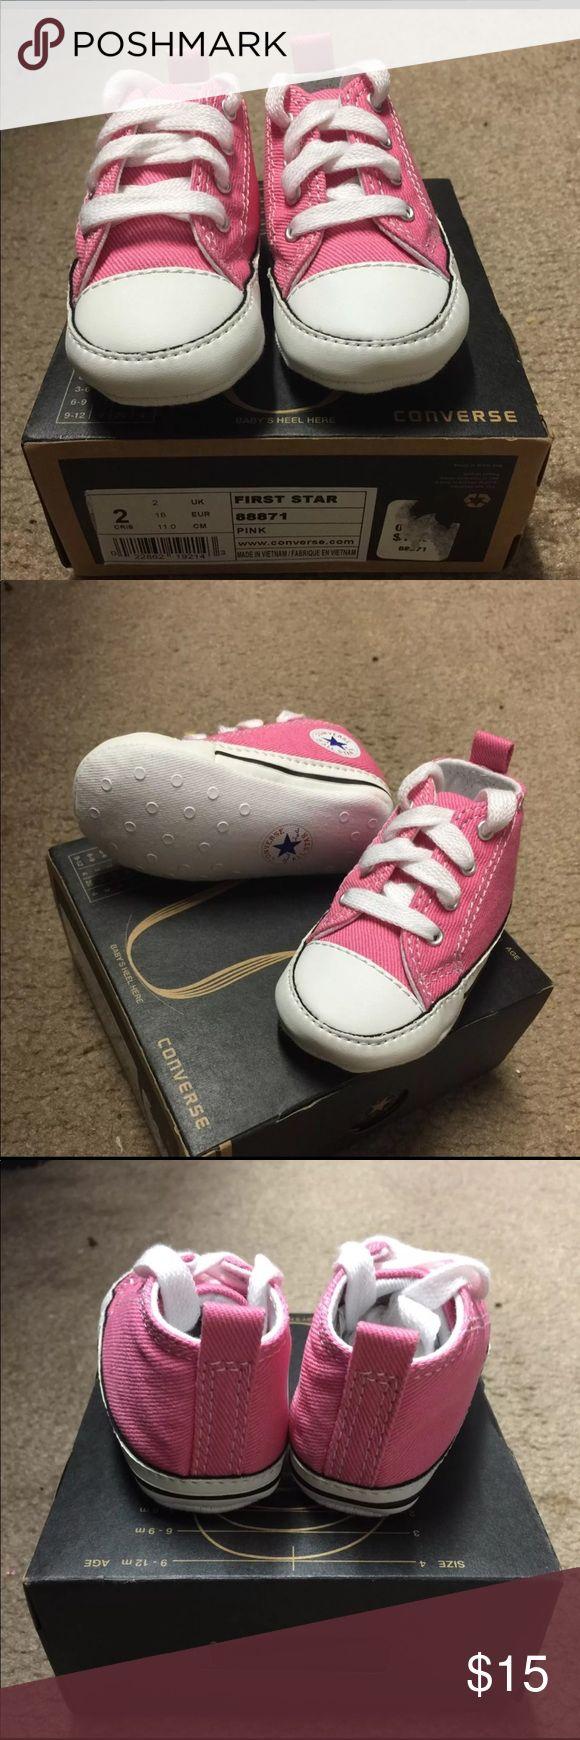 Best 25+ Pink converse ideas on Pinterest | Cute converse ...